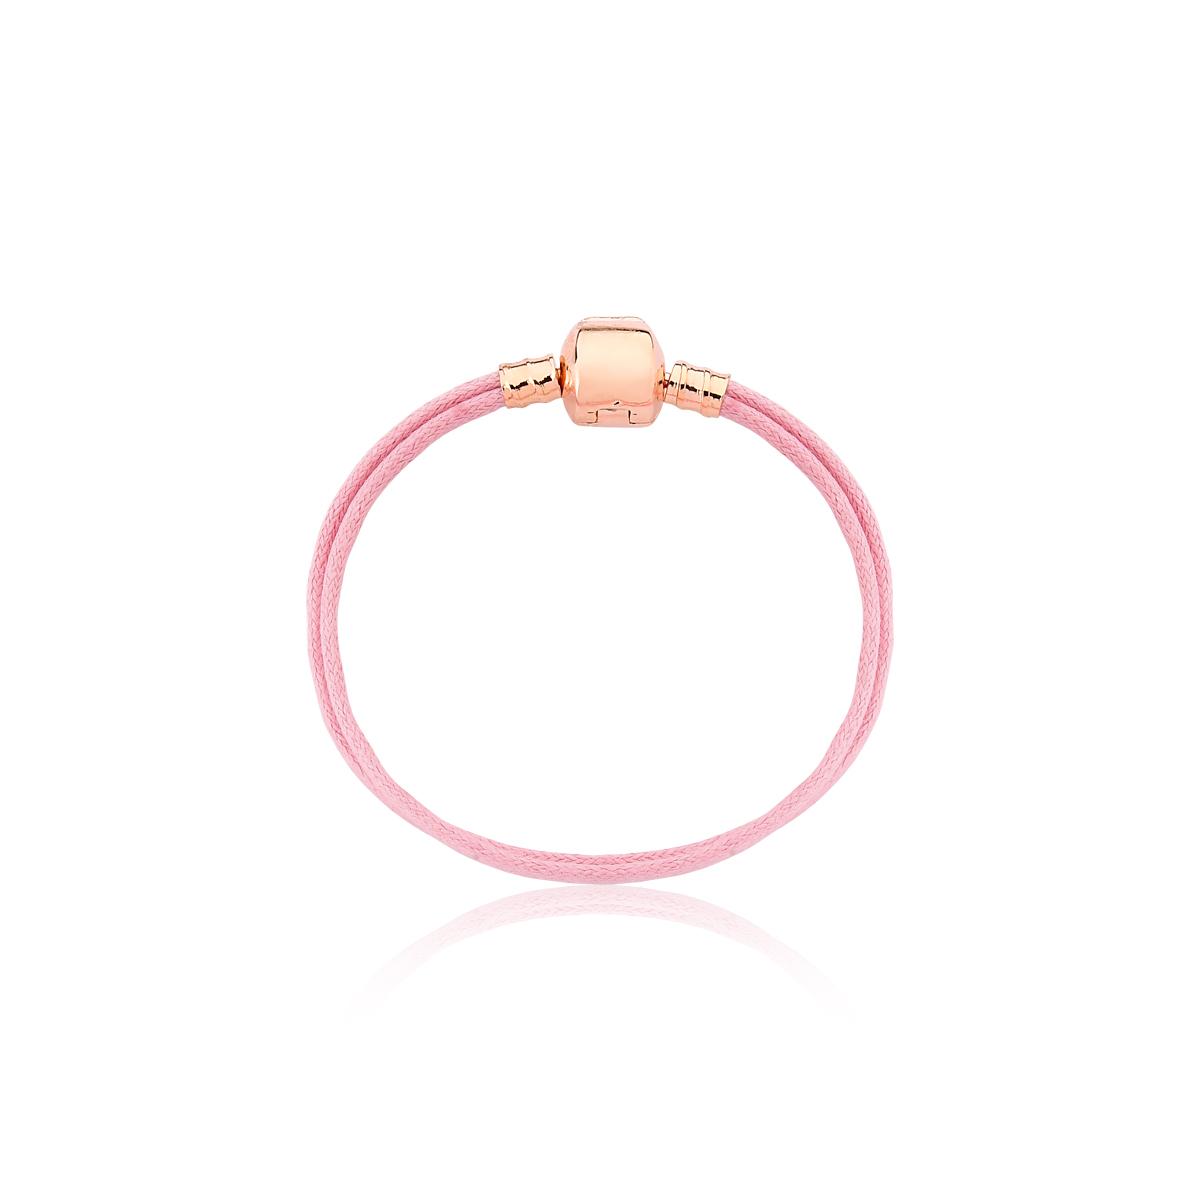 Pulseira Infantil Cord Pink Revestida em Ouro Rose